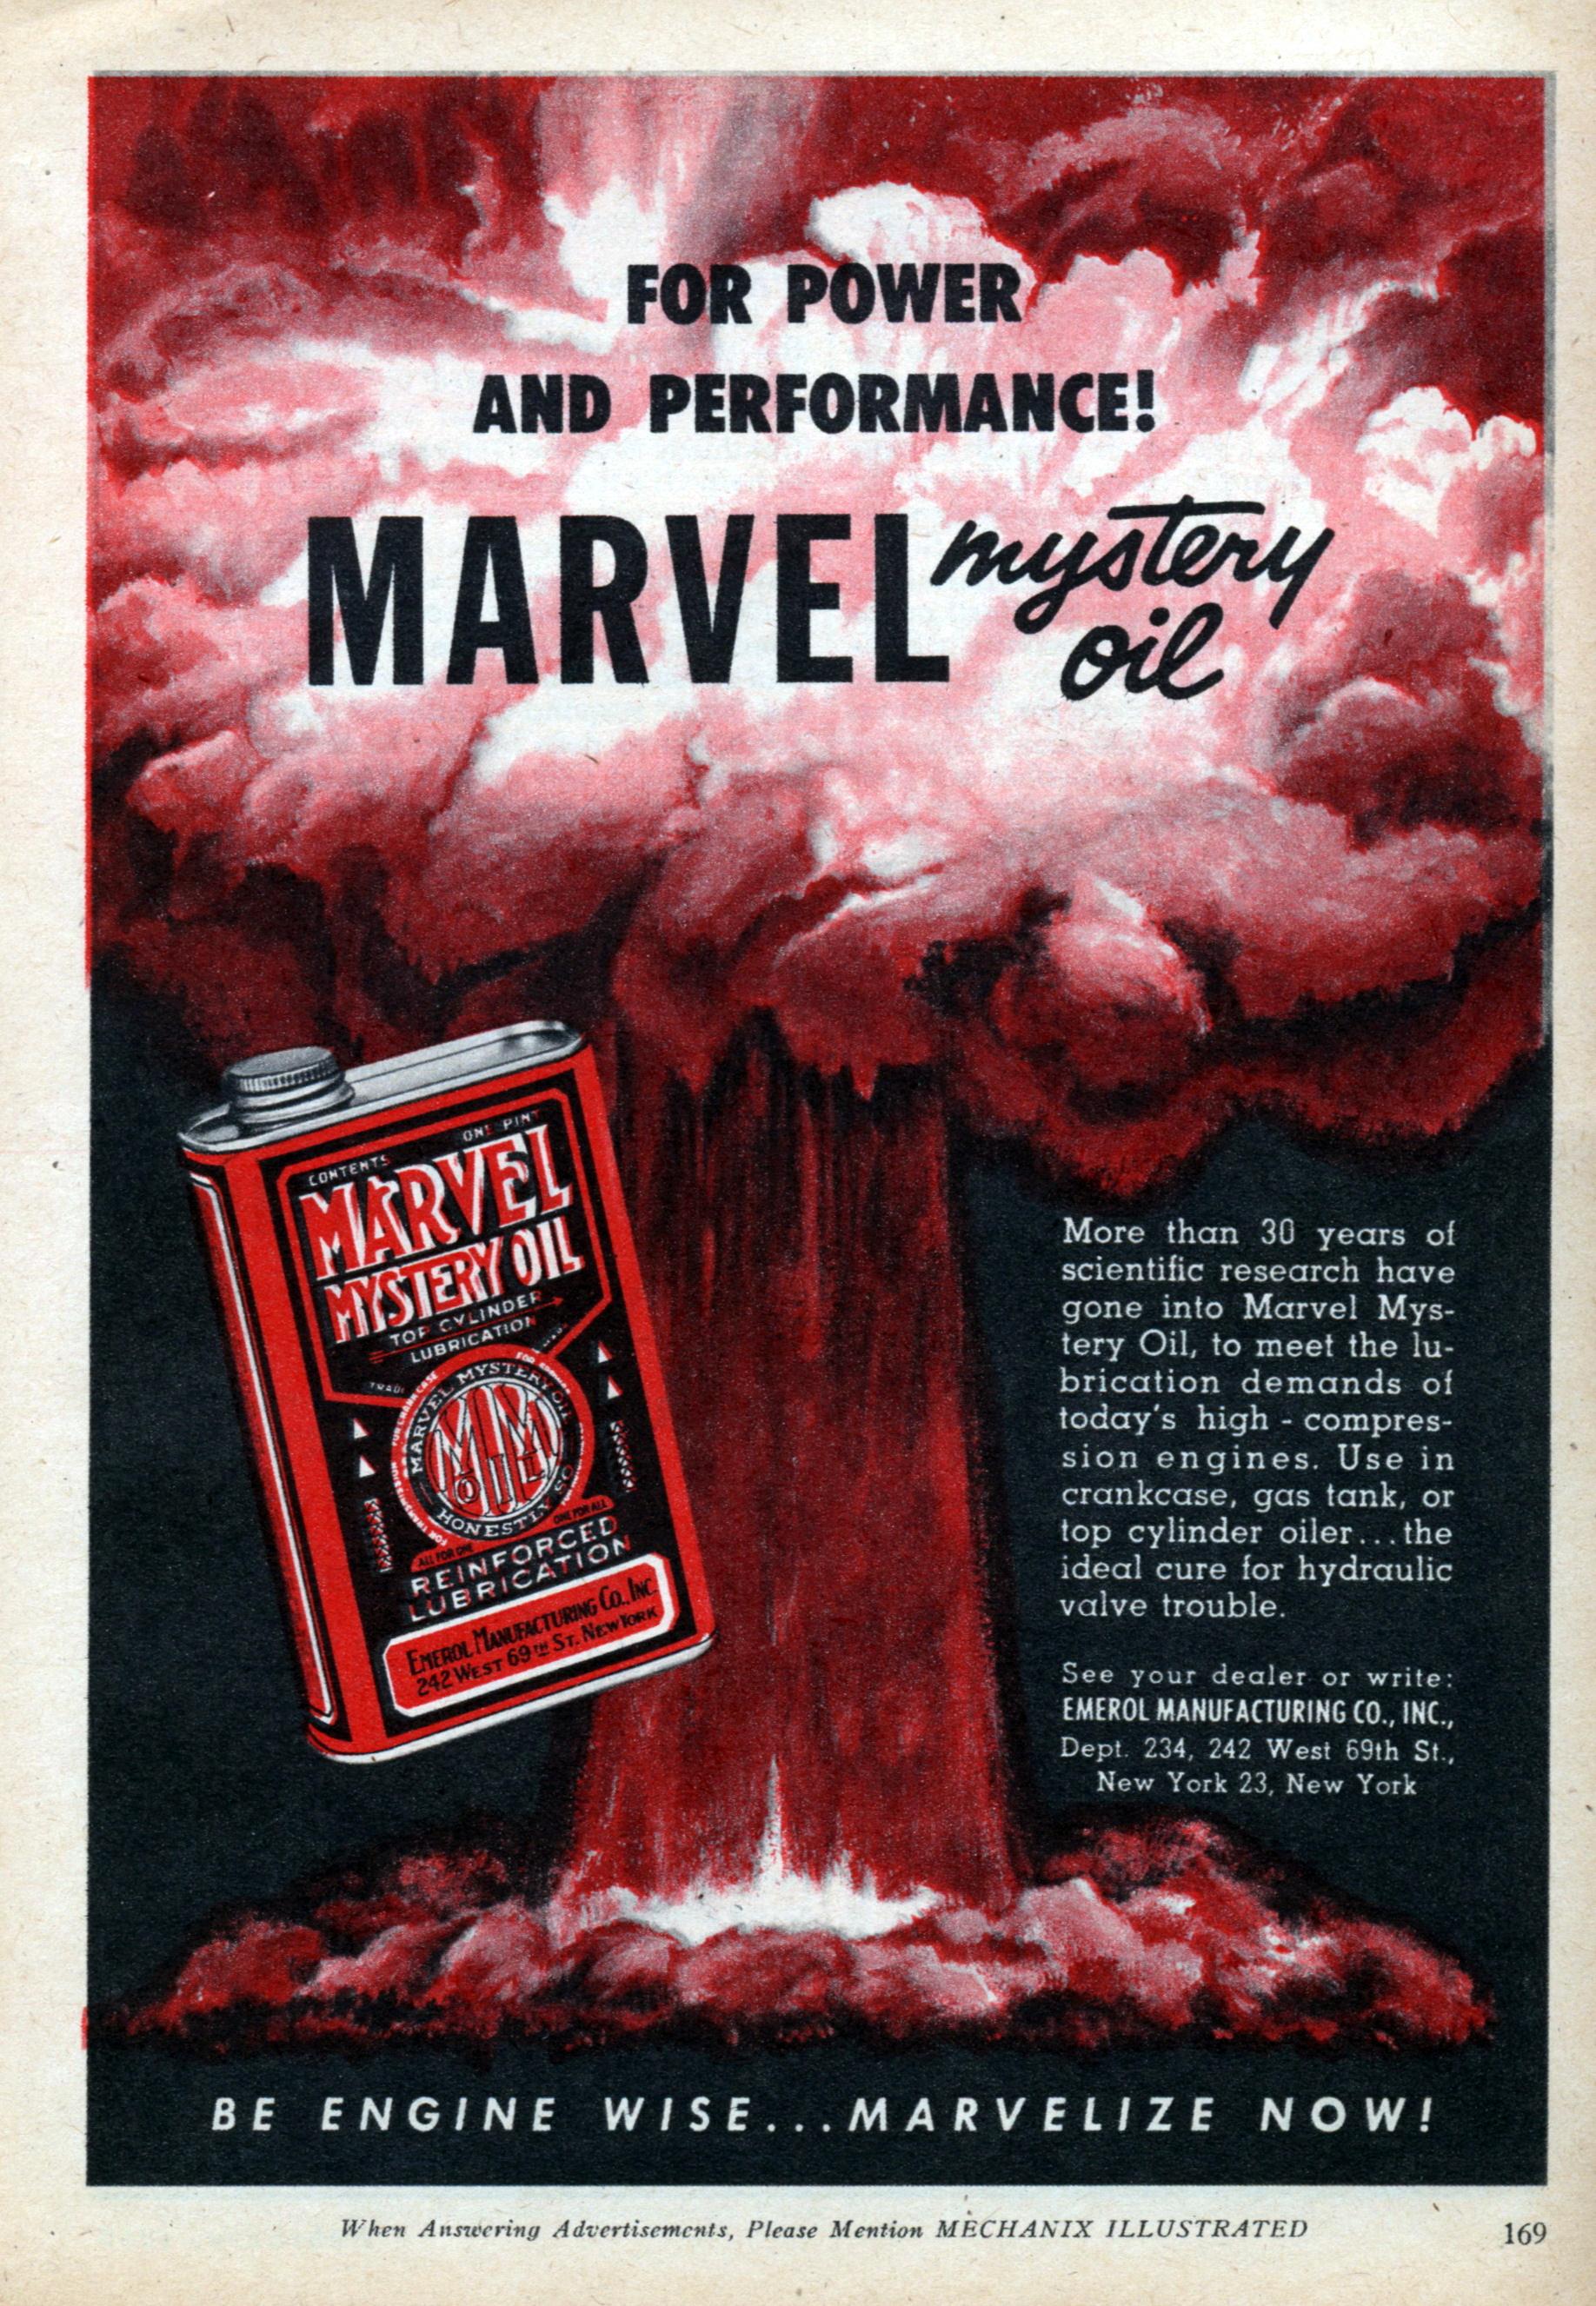 Marvel Mystery Oil Modern Mechanix